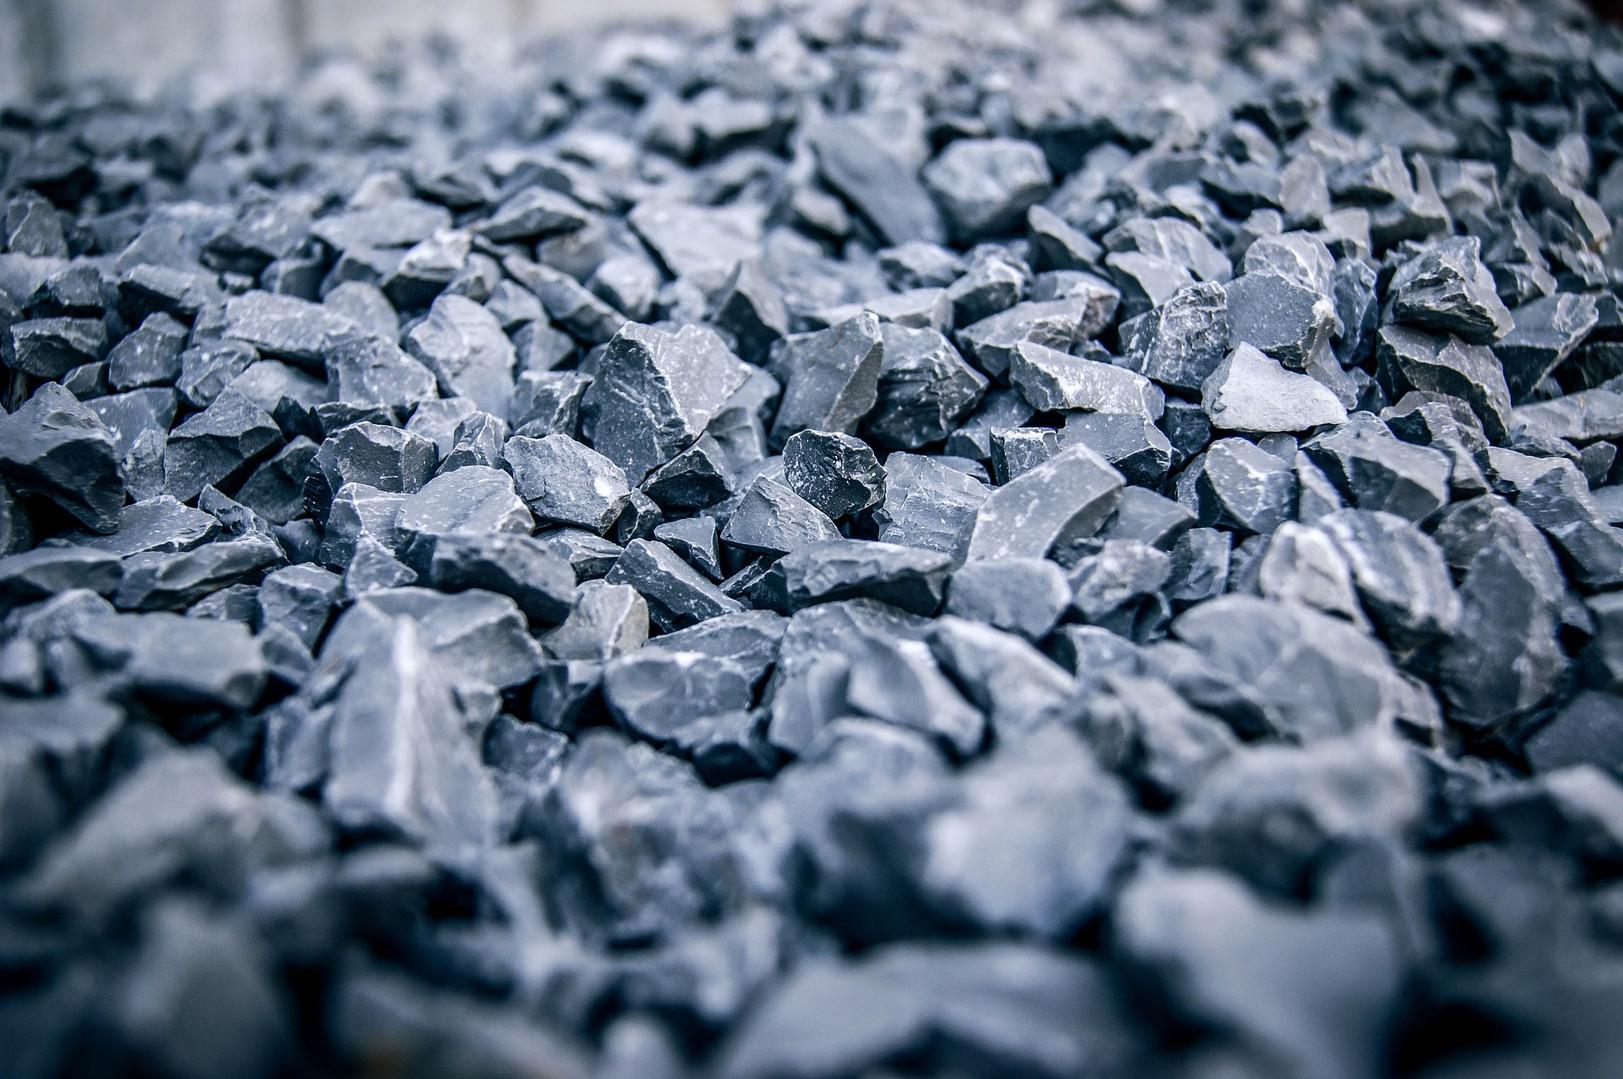 rocks-1869970_1920.jpg